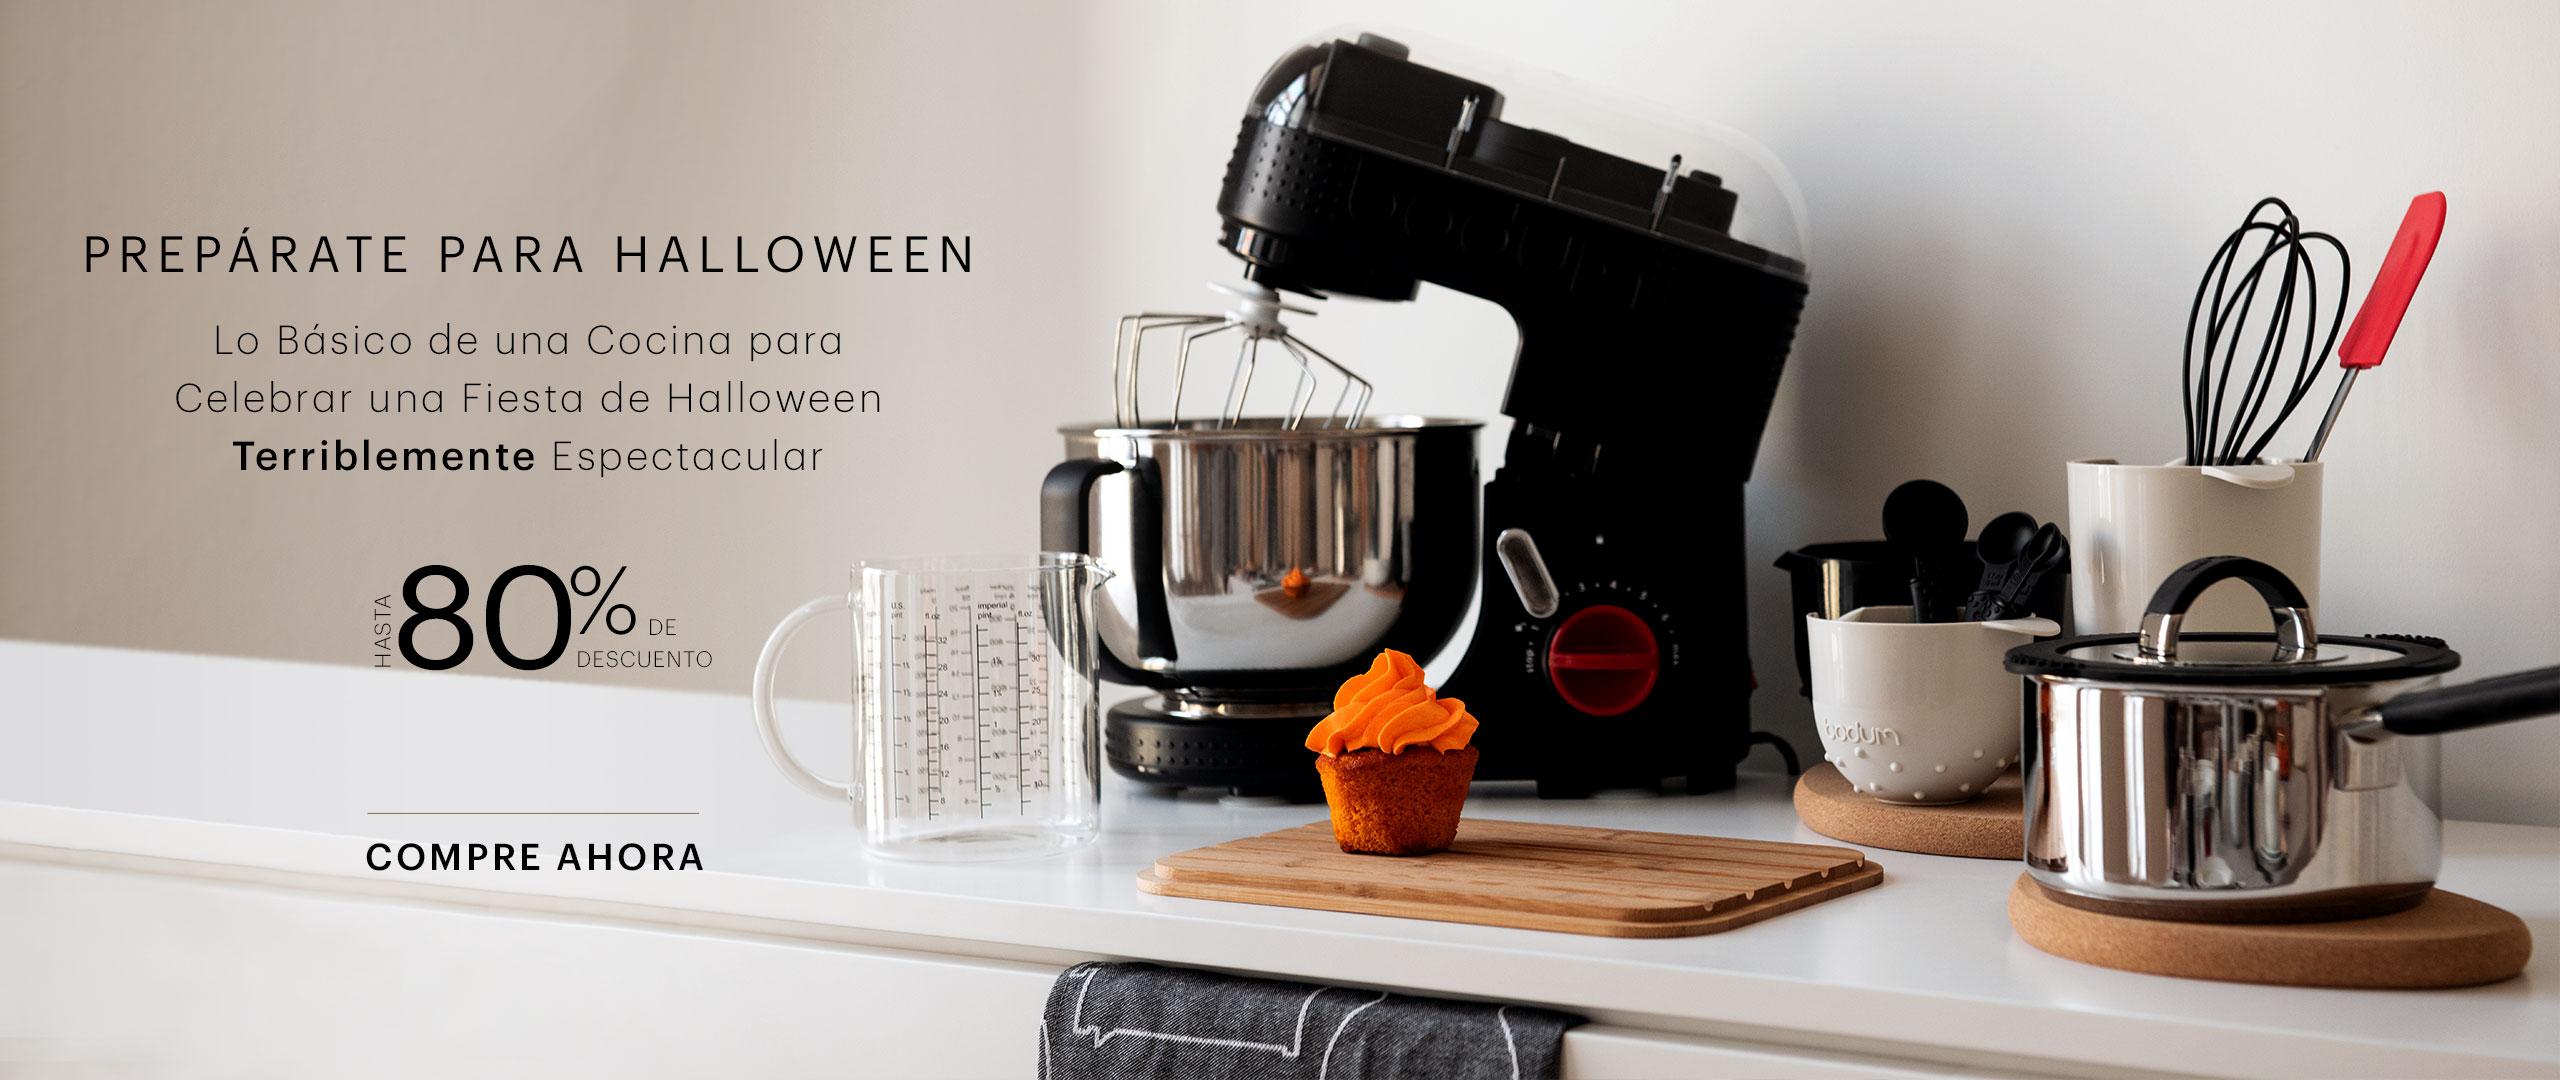 BEU [ES] - Halloween